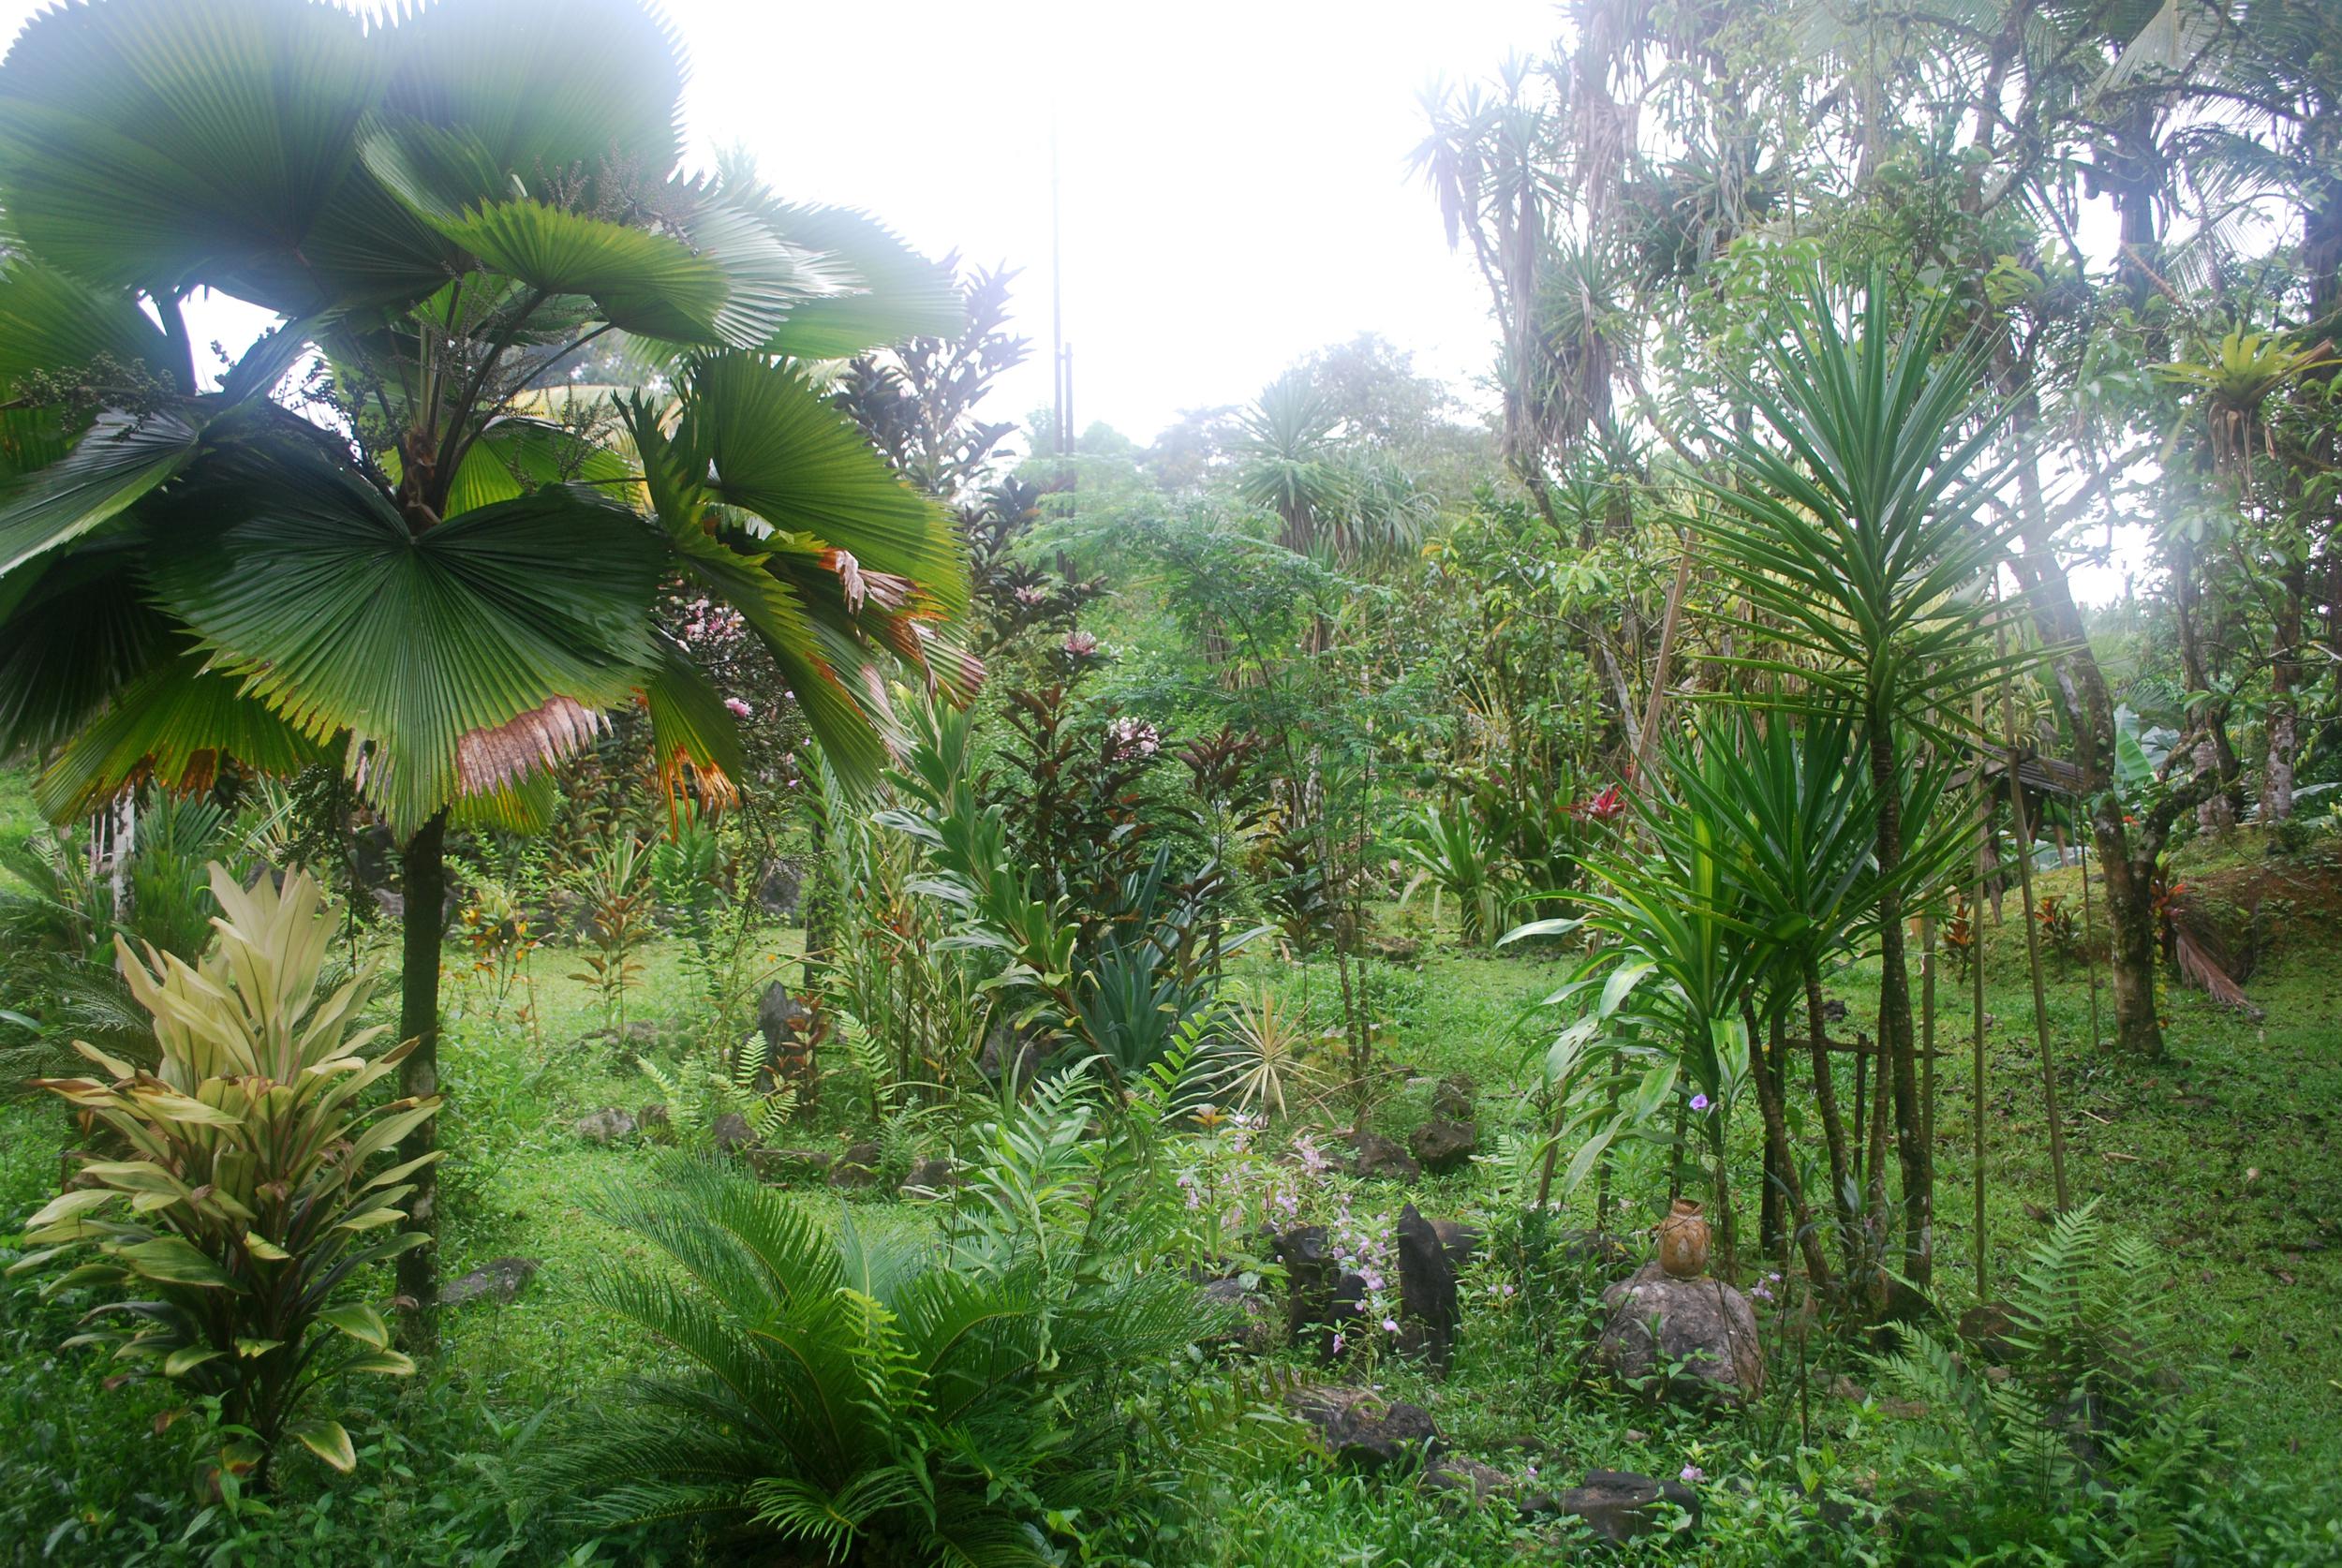 Jungle garden at La Casa del Arbol, a treehouse lodge near Piedras Blancas.